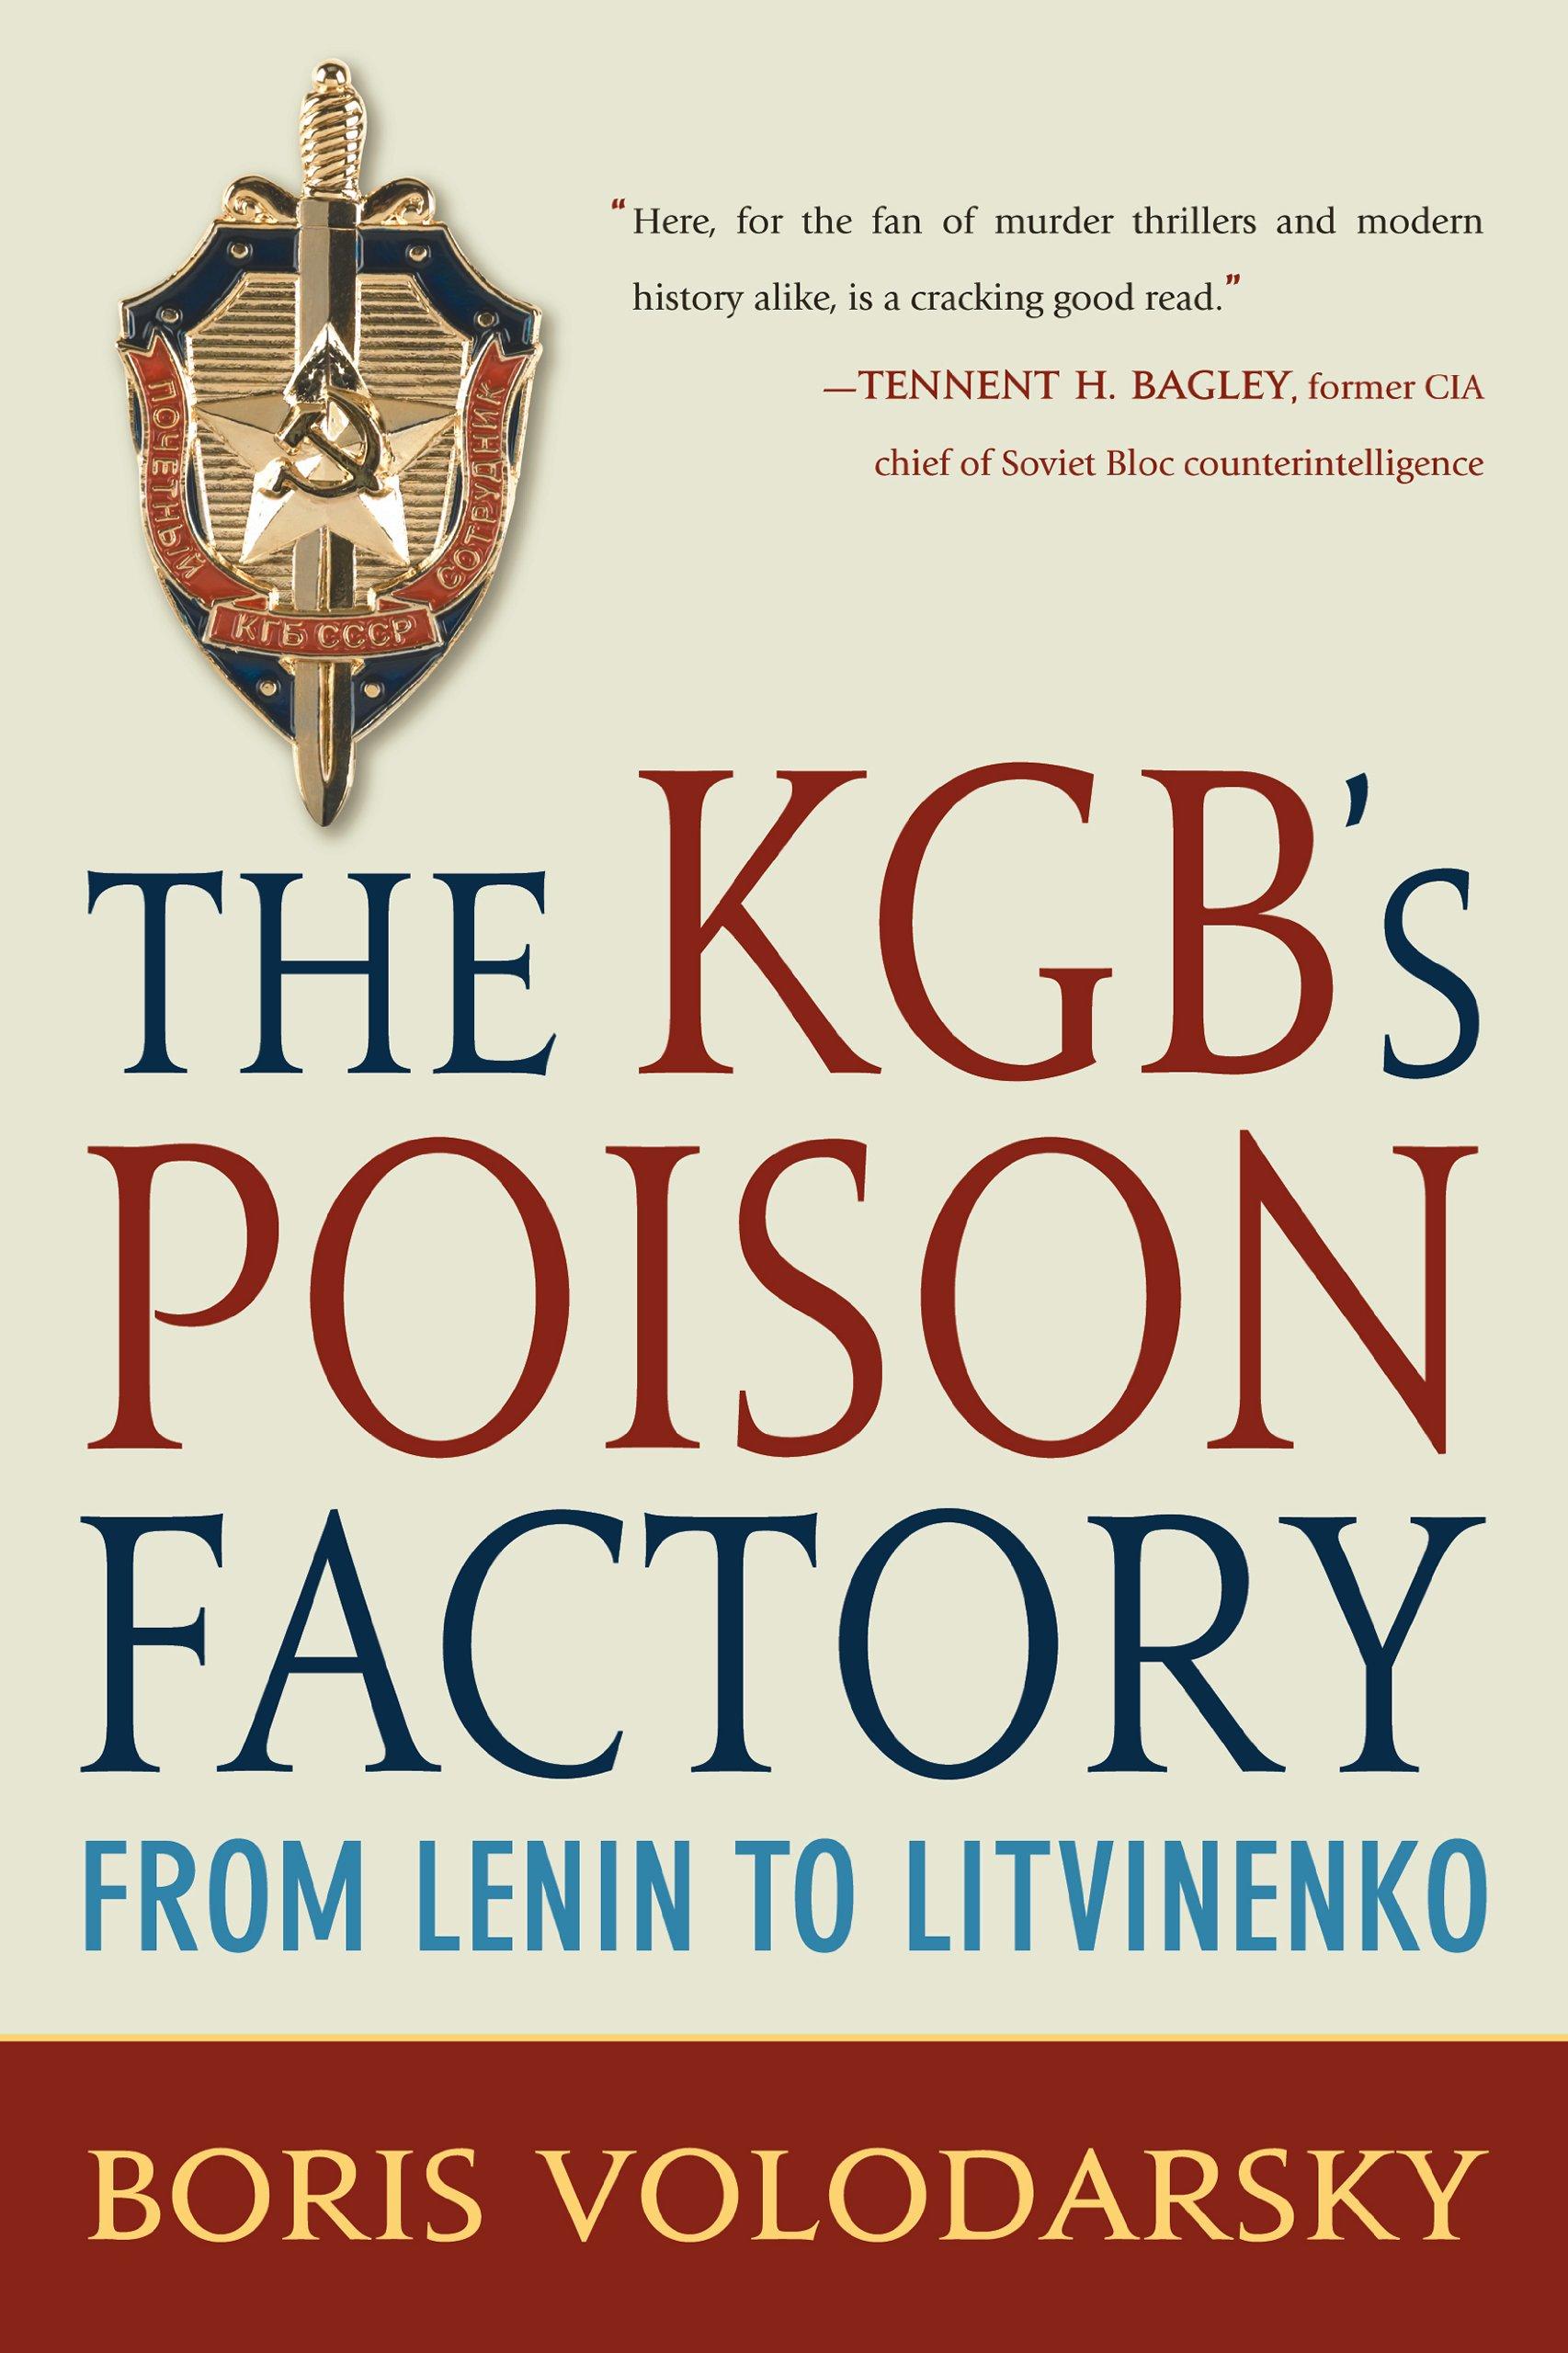 2013 ARCHIVER TÉLÉCHARGER GRATUITEMENT KGB